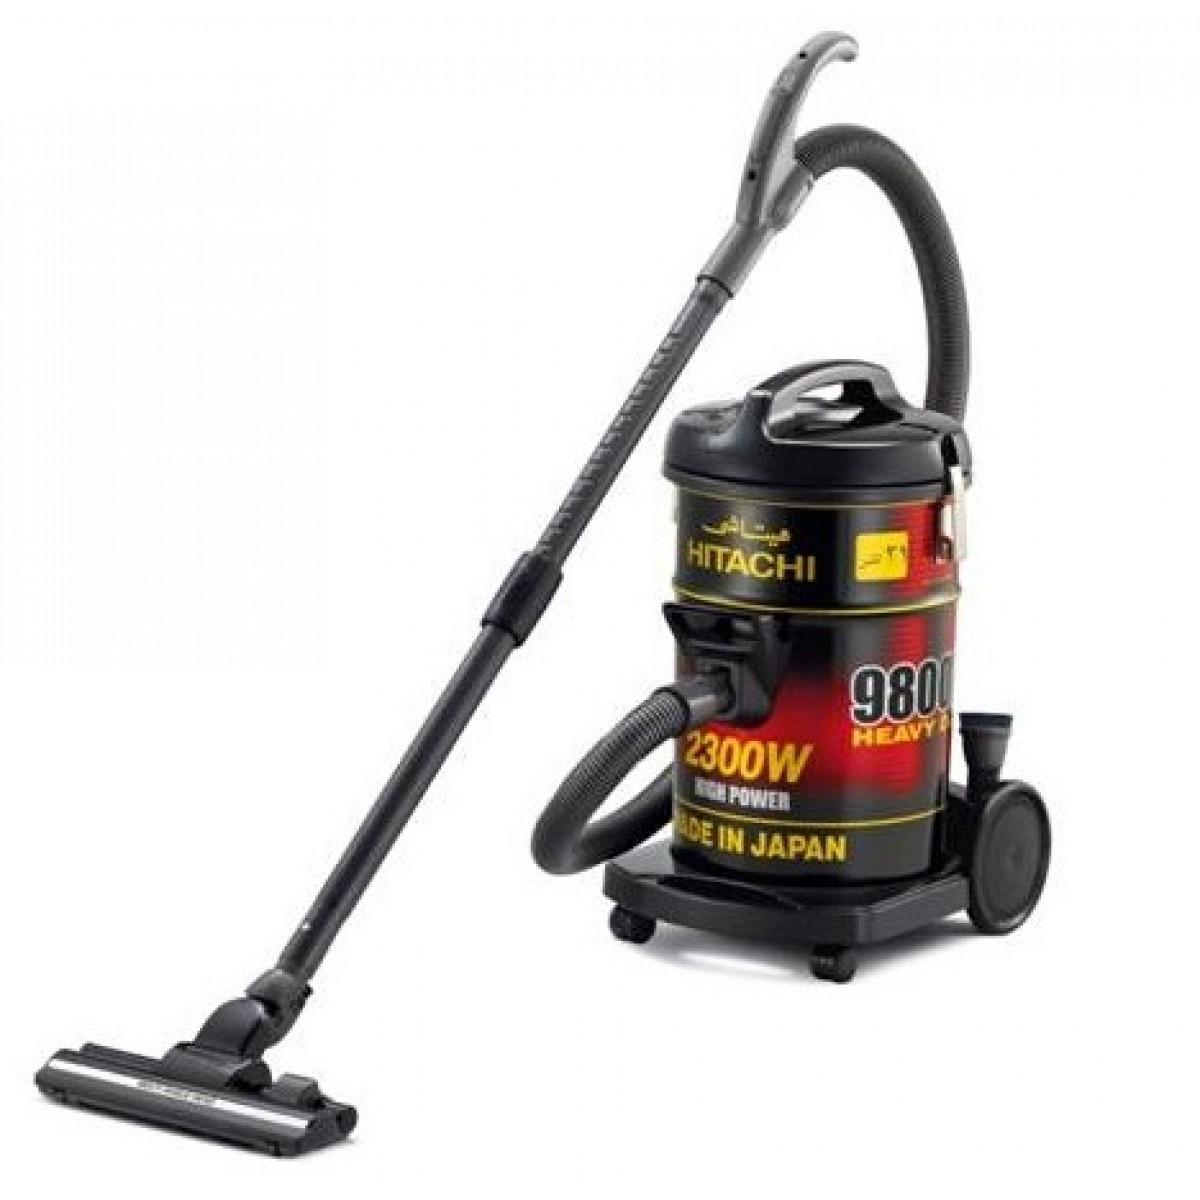 Hitachi Vacuum Cleaner (CV9800Y)